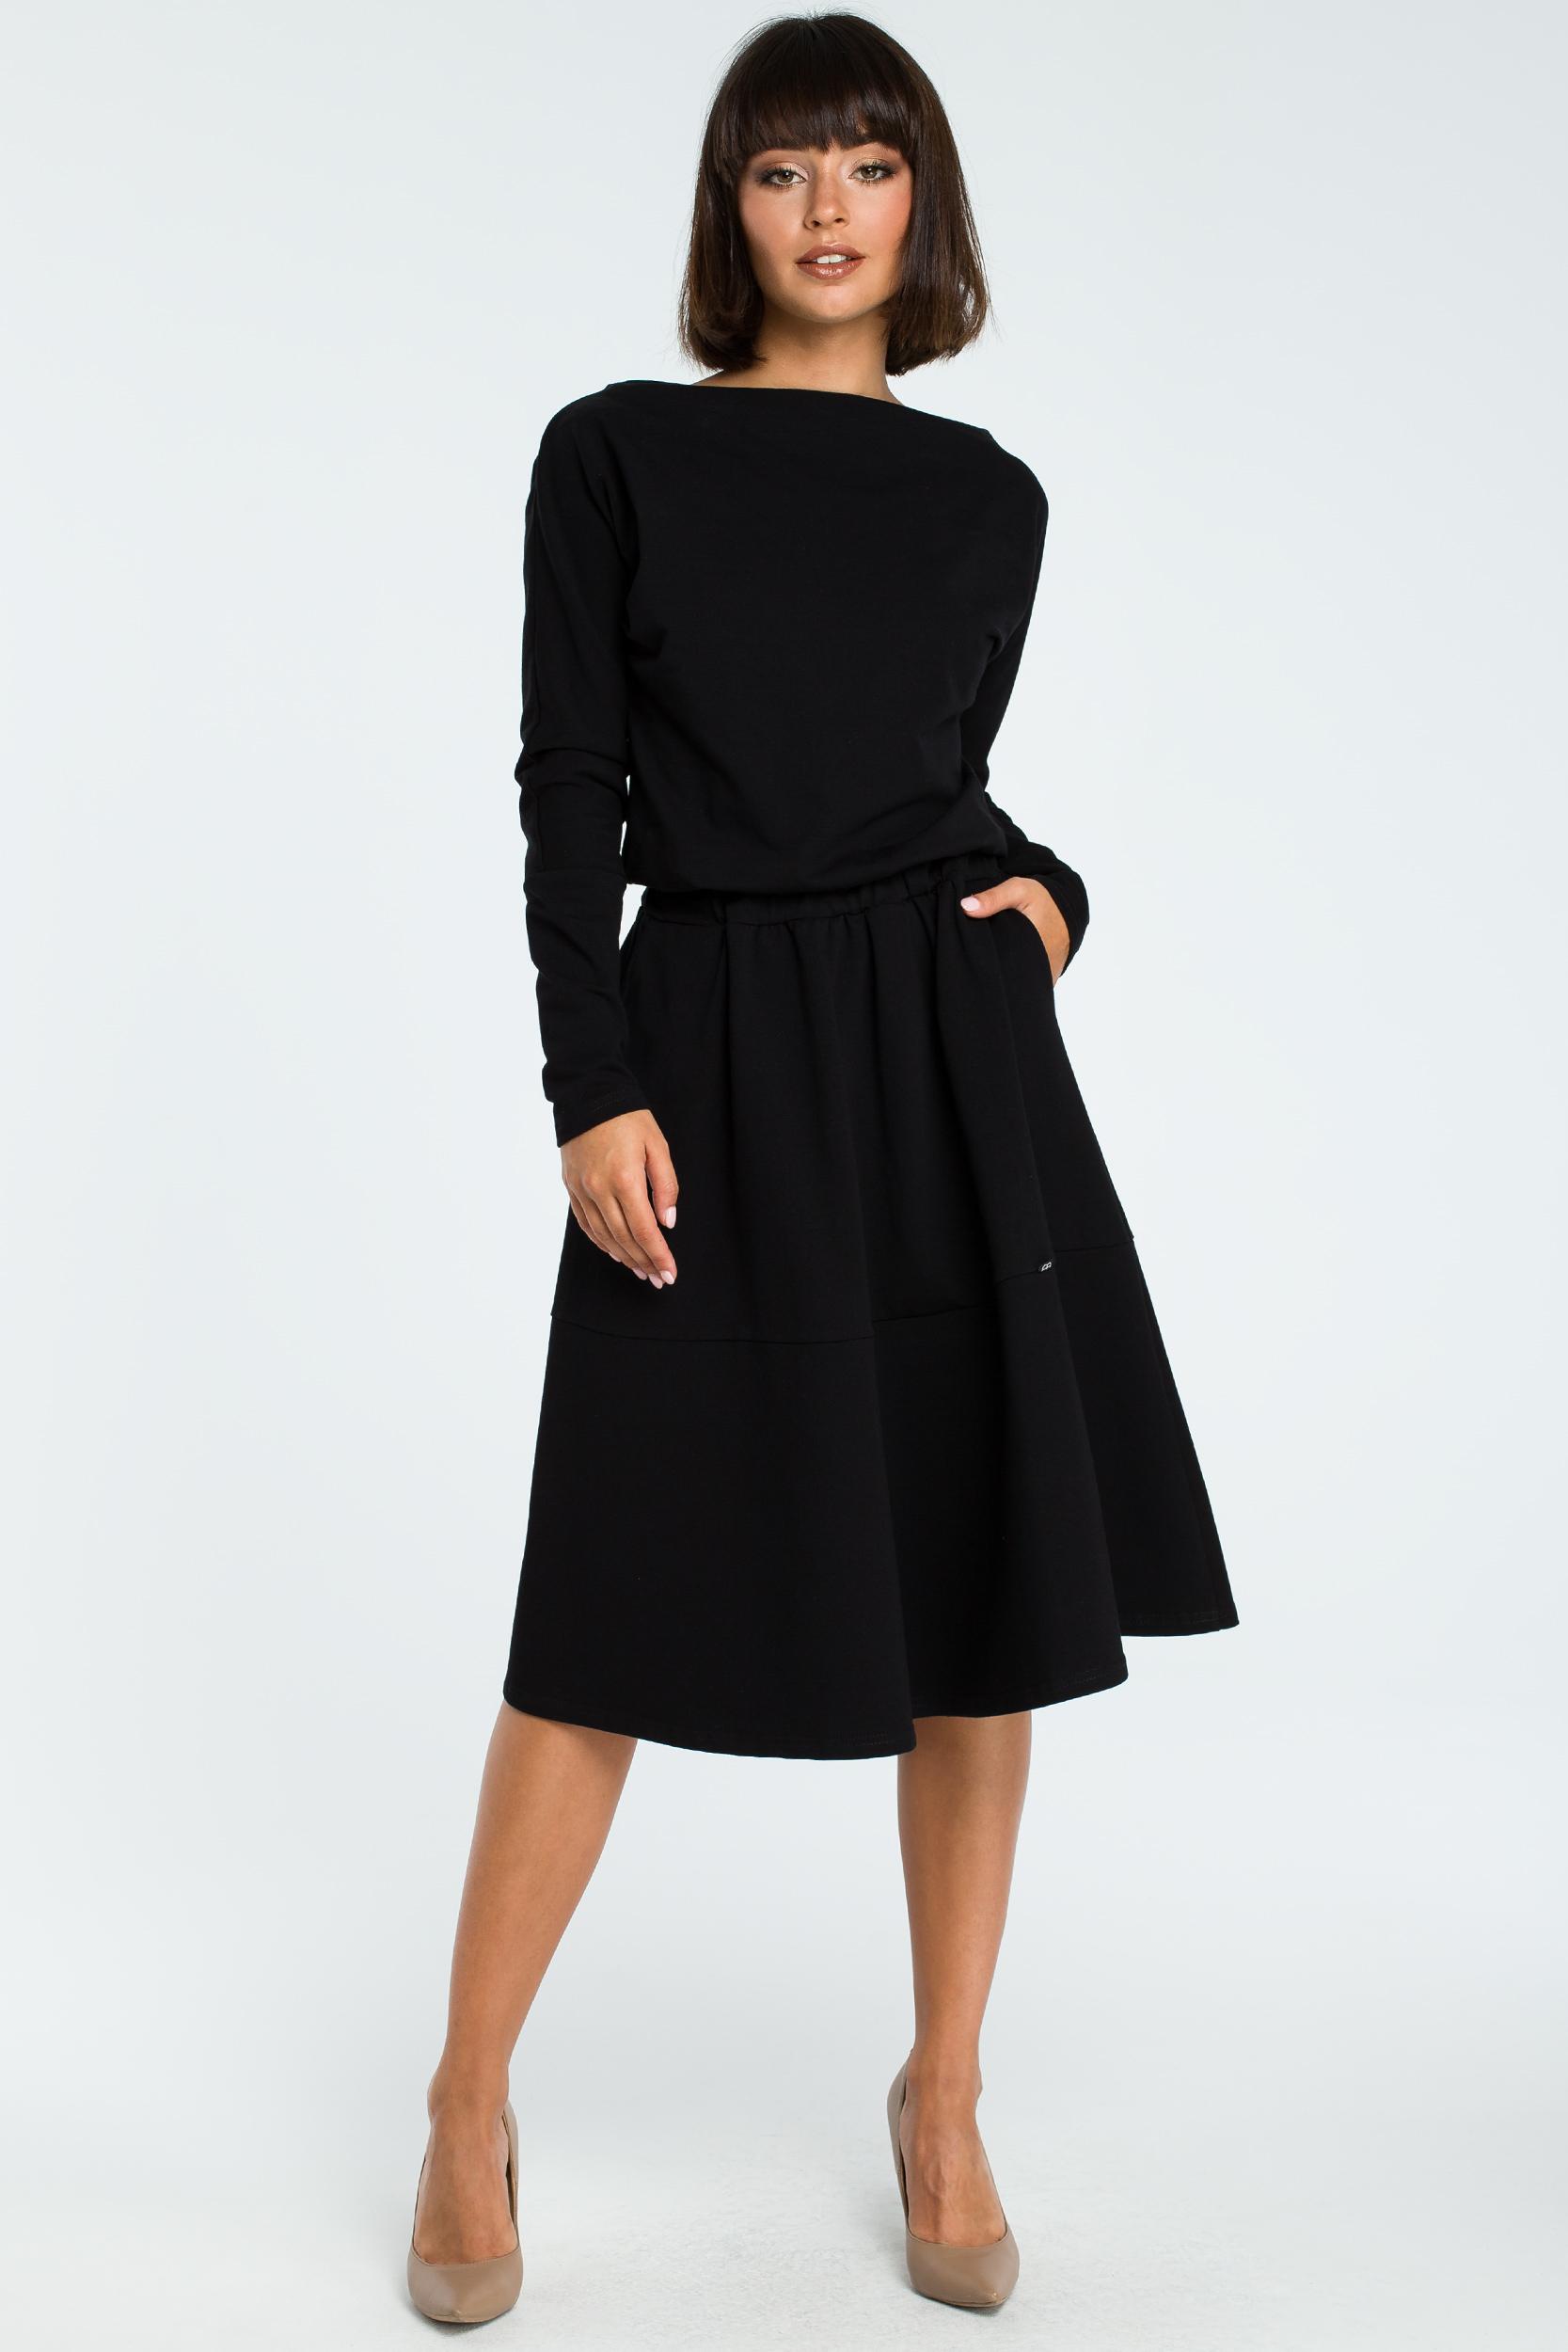 c88d6bc5a3 CM3816 Rozkloszowana sukienka z długim rękawem - czarna ...